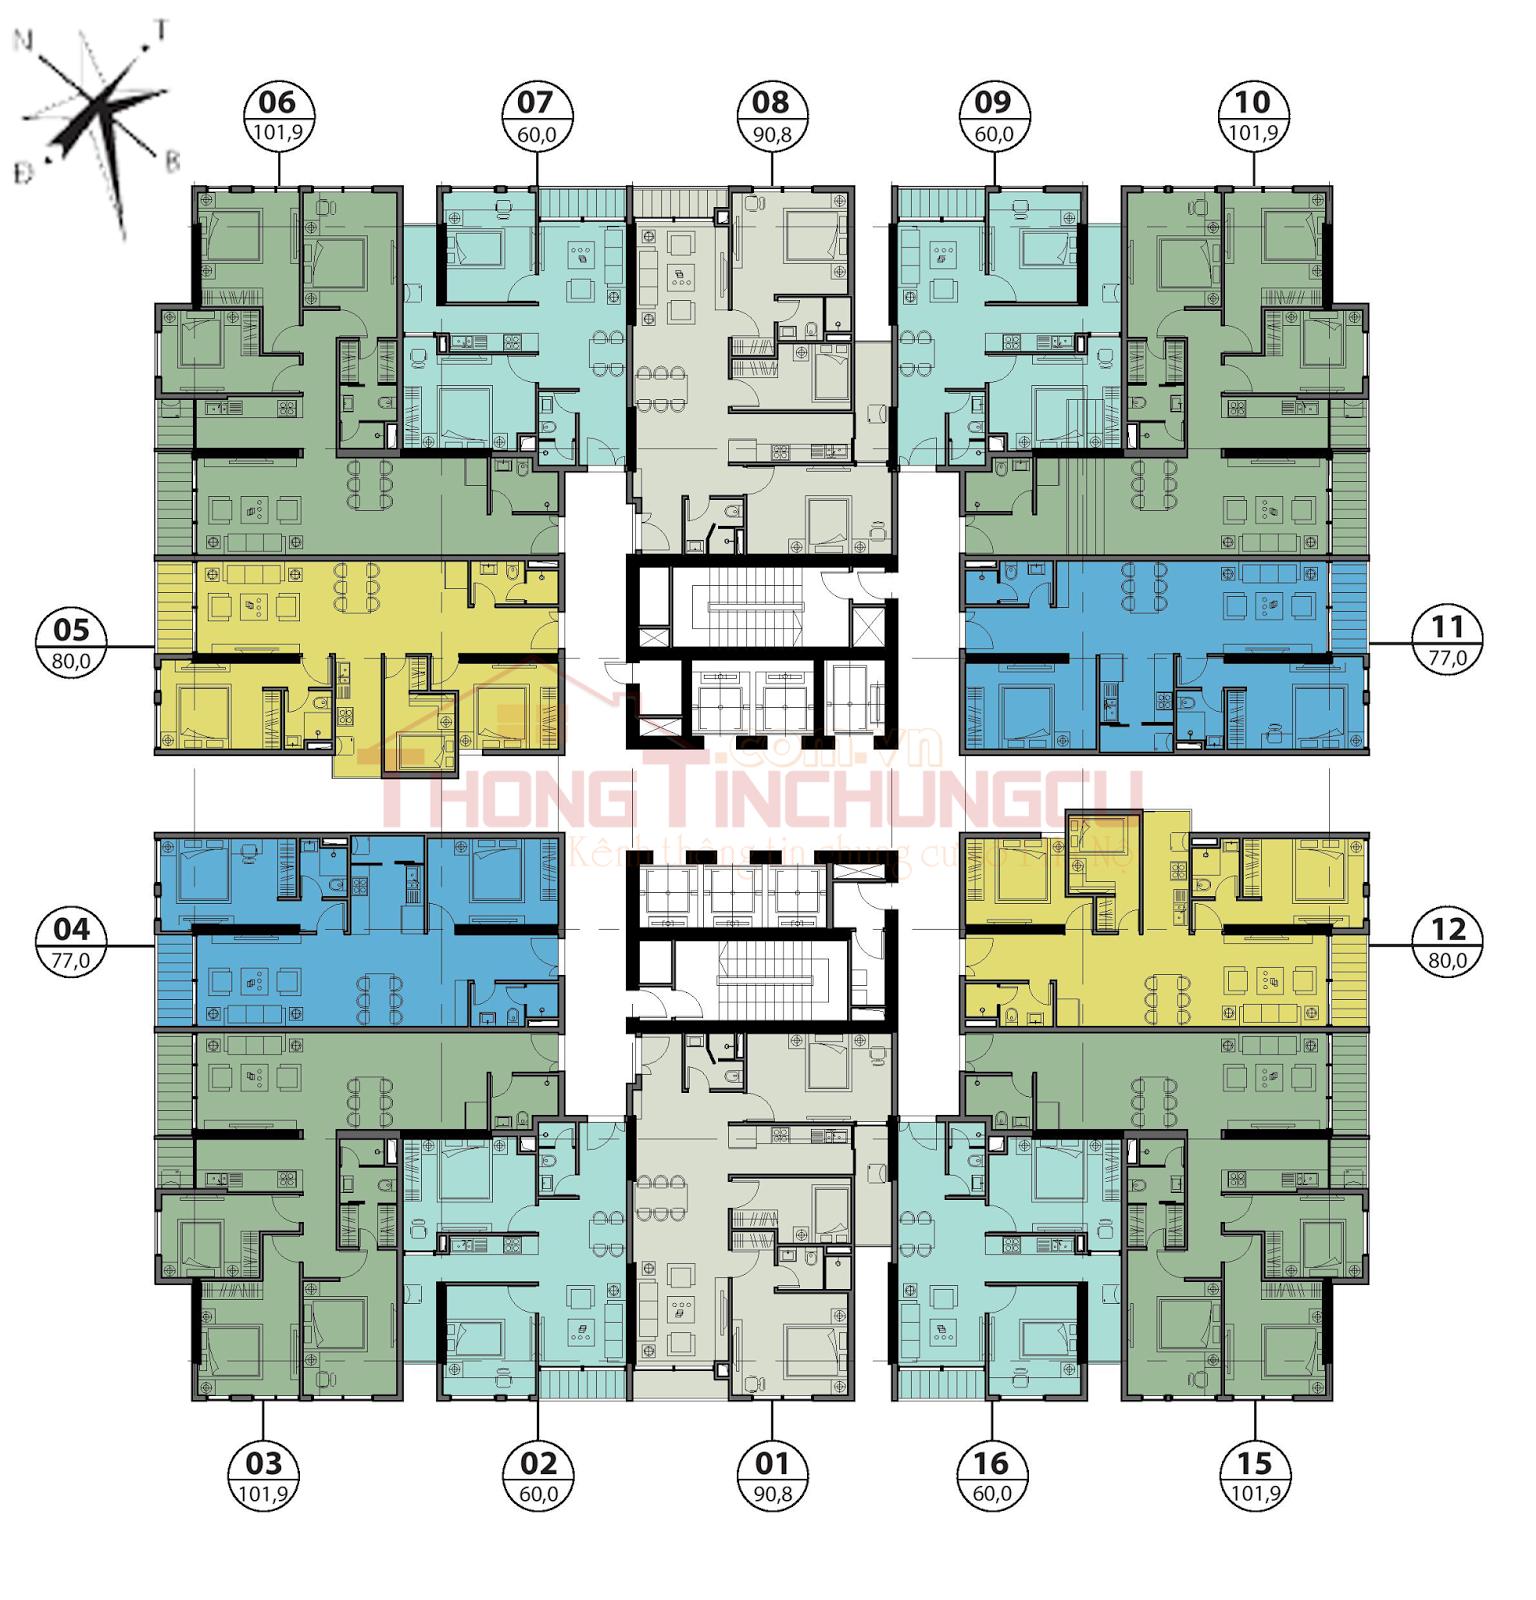 Mặt bằng điển hình tầng 6 - GoldSeason